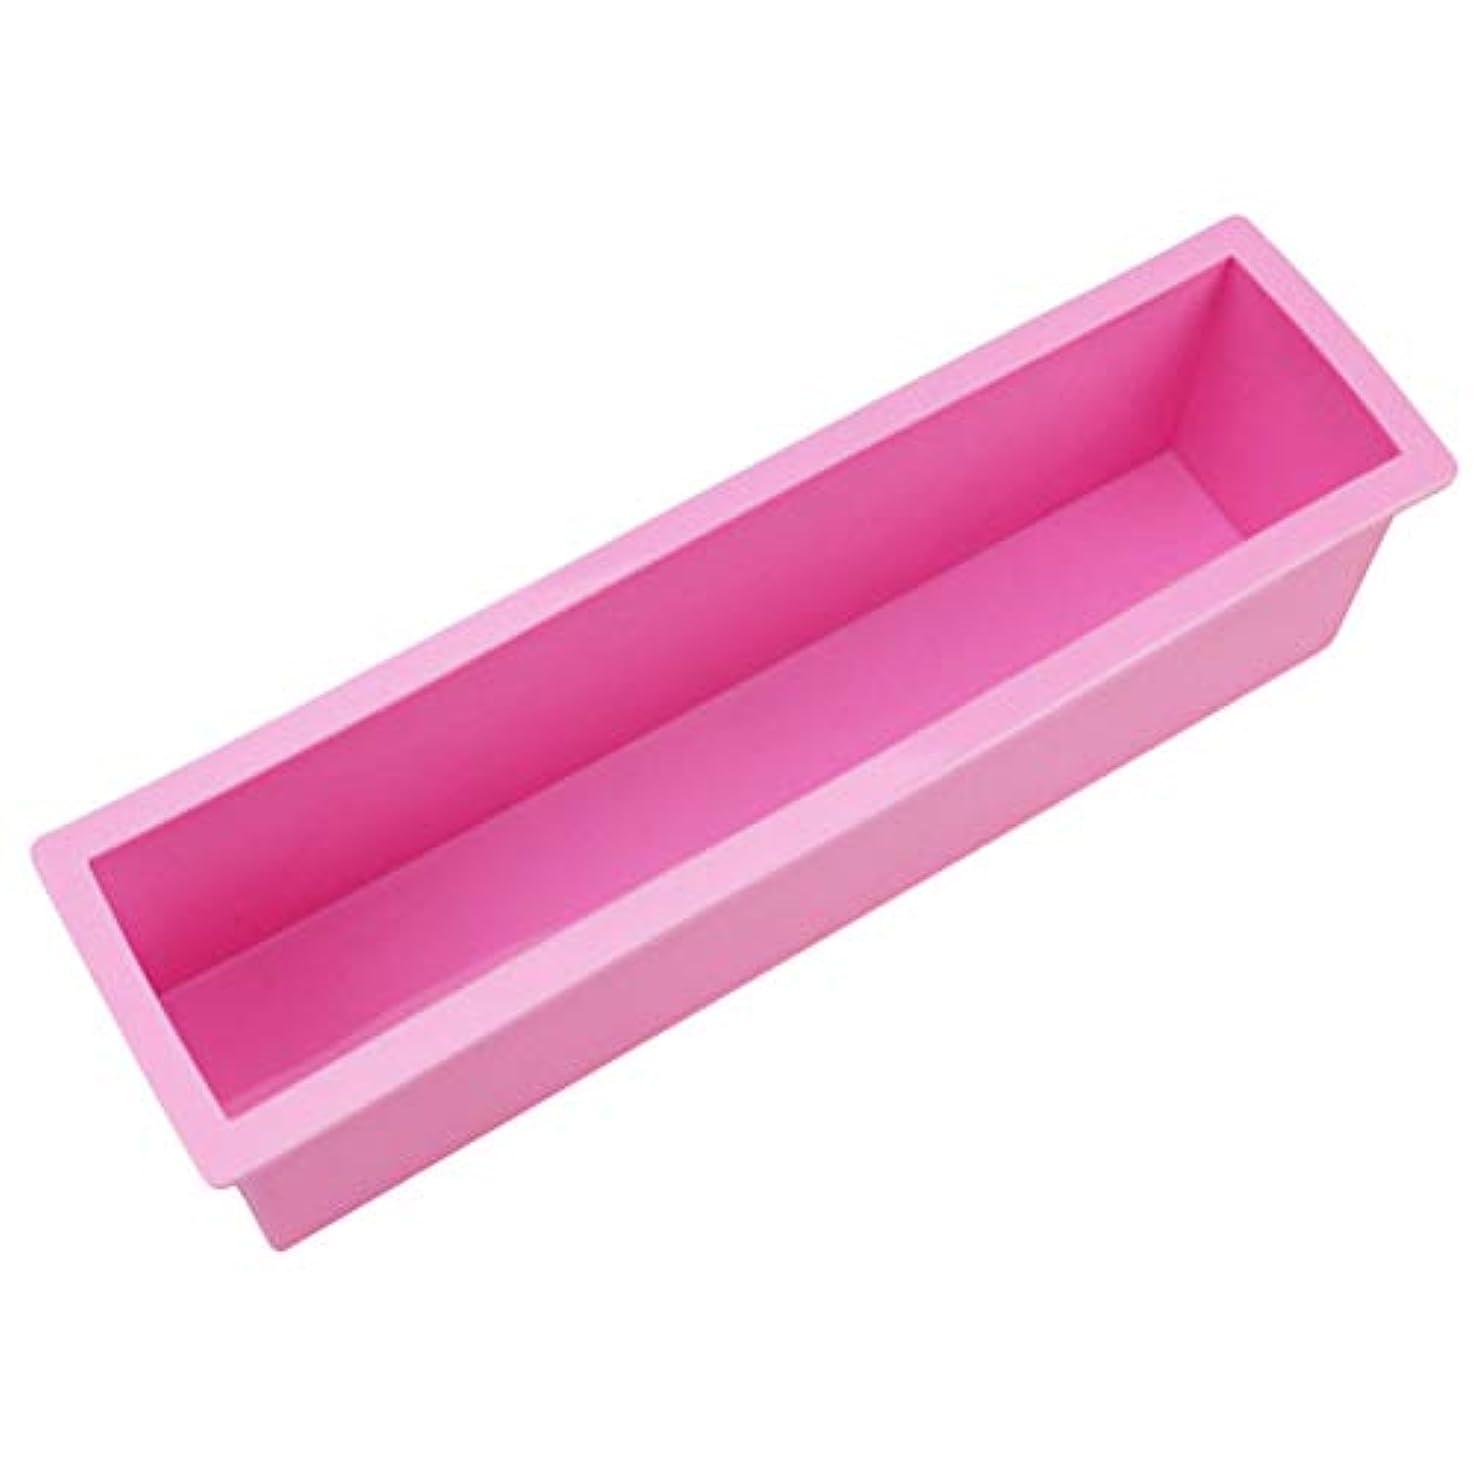 決定的大量注目すべきYardwe 石鹸ケーキミートローフ用品のための柔軟な長方形のシリコンソープモールドロープ(ランダムカラー)サイズL